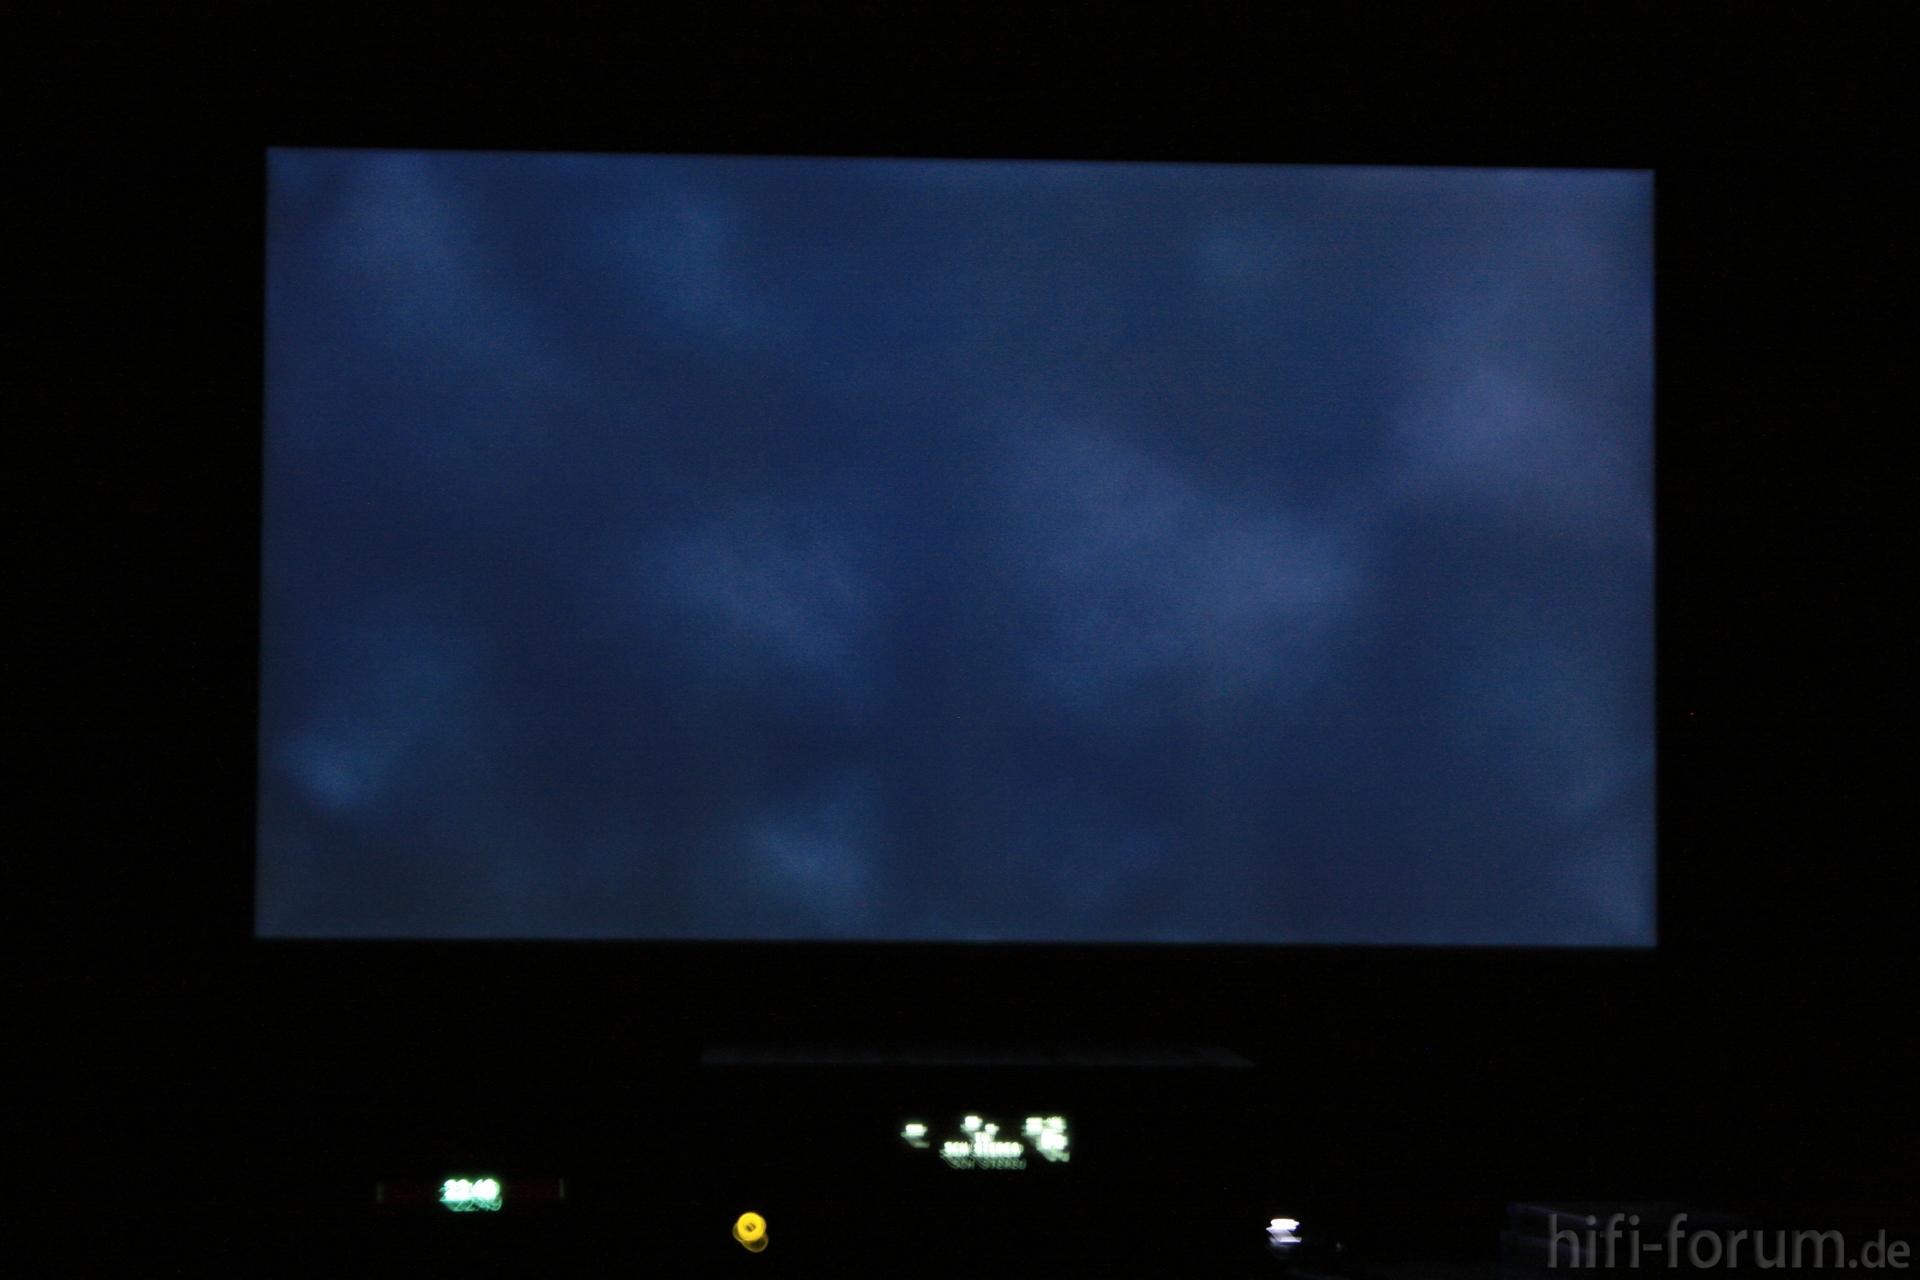 wohin sky receiver schicken